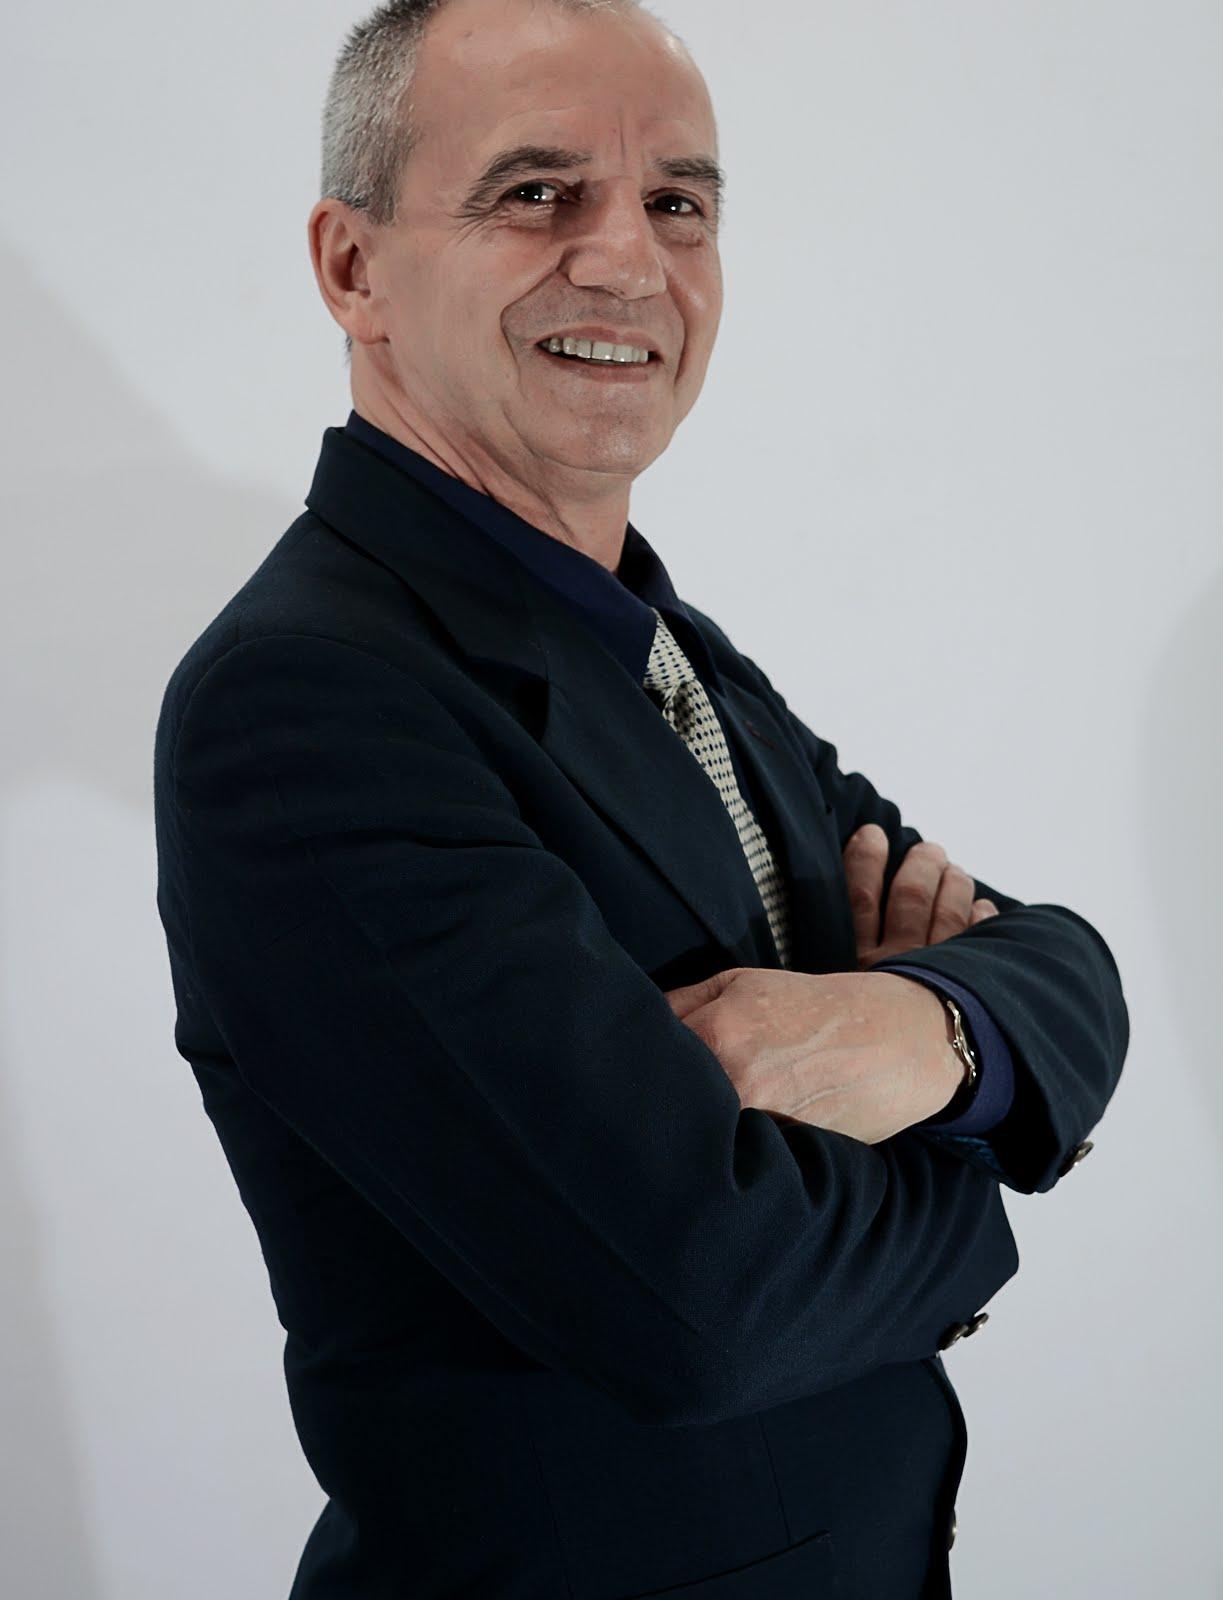 Jesús Antonio Giraldo Castaño